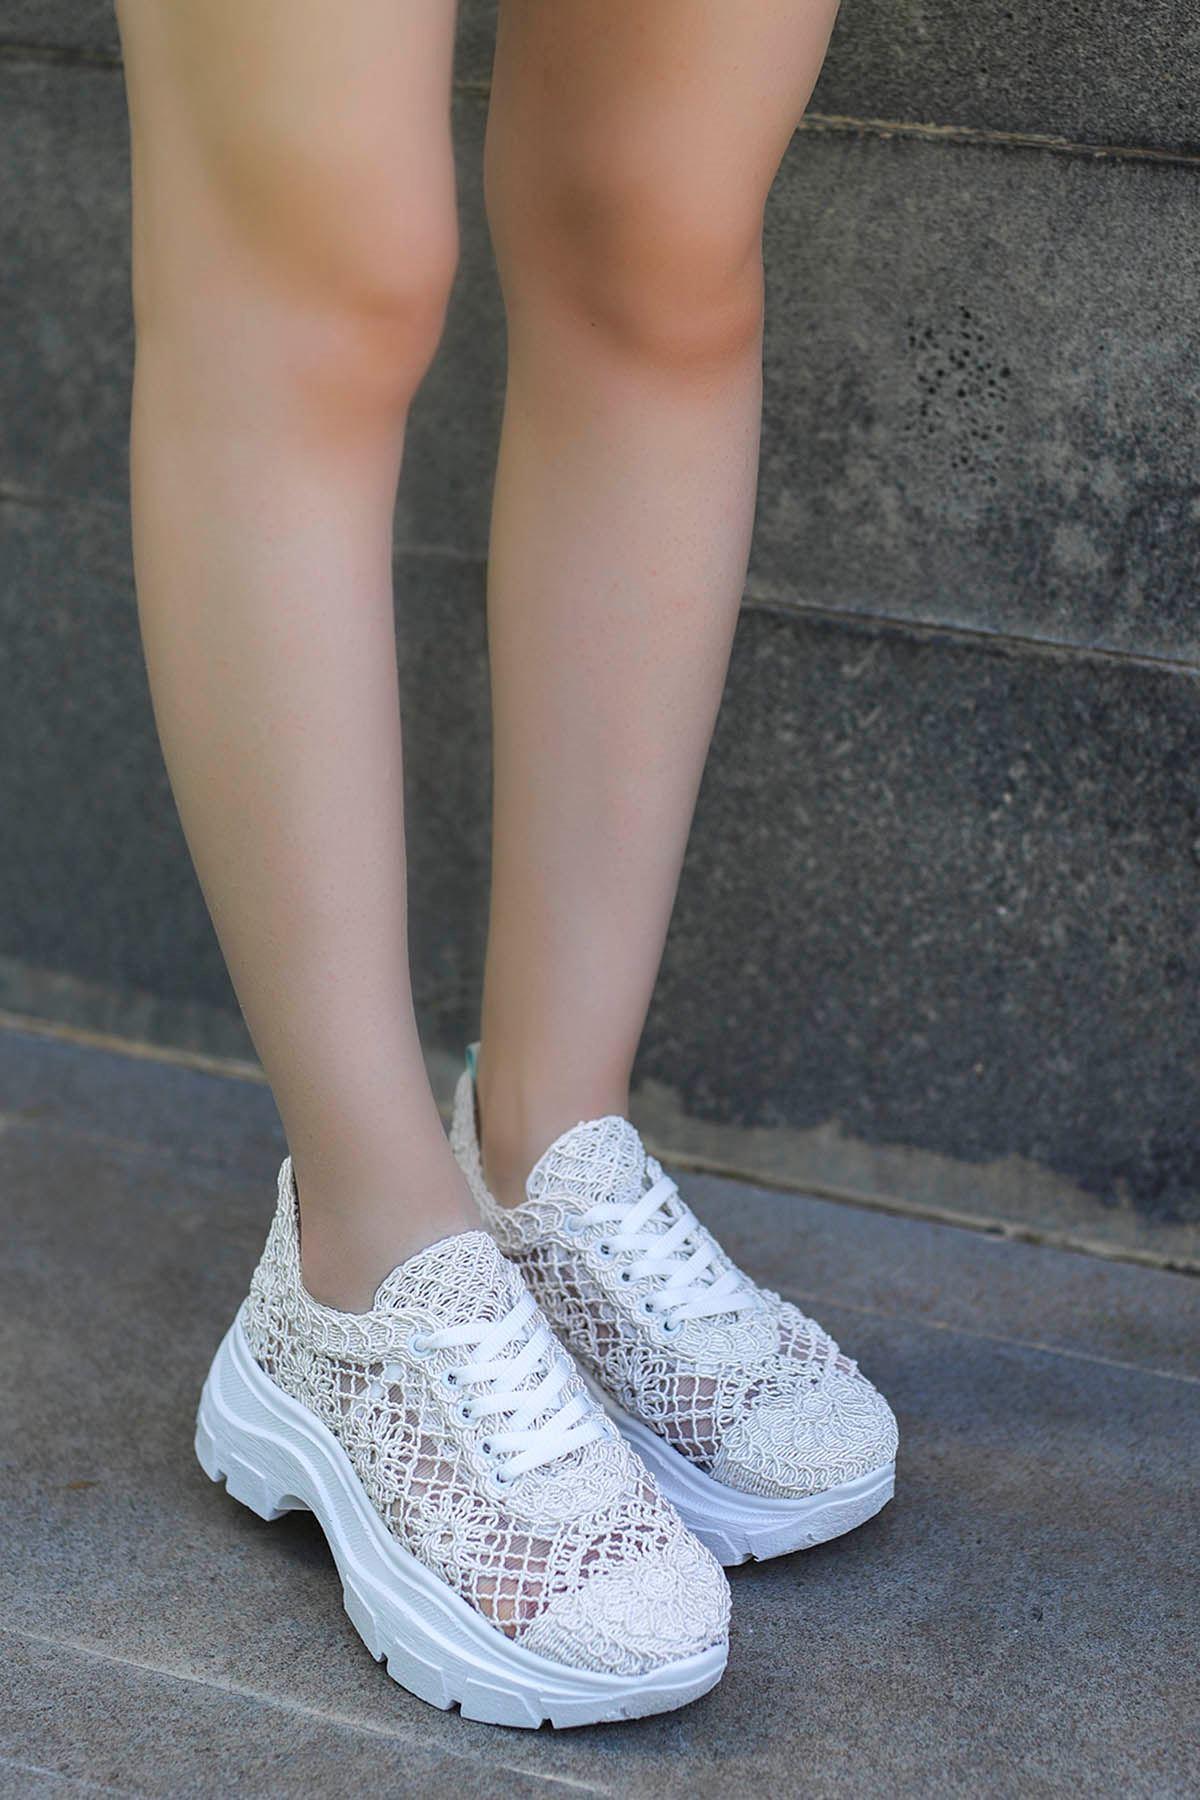 Rayne Dantel Örgü Spor Ayakkabı Beyaz